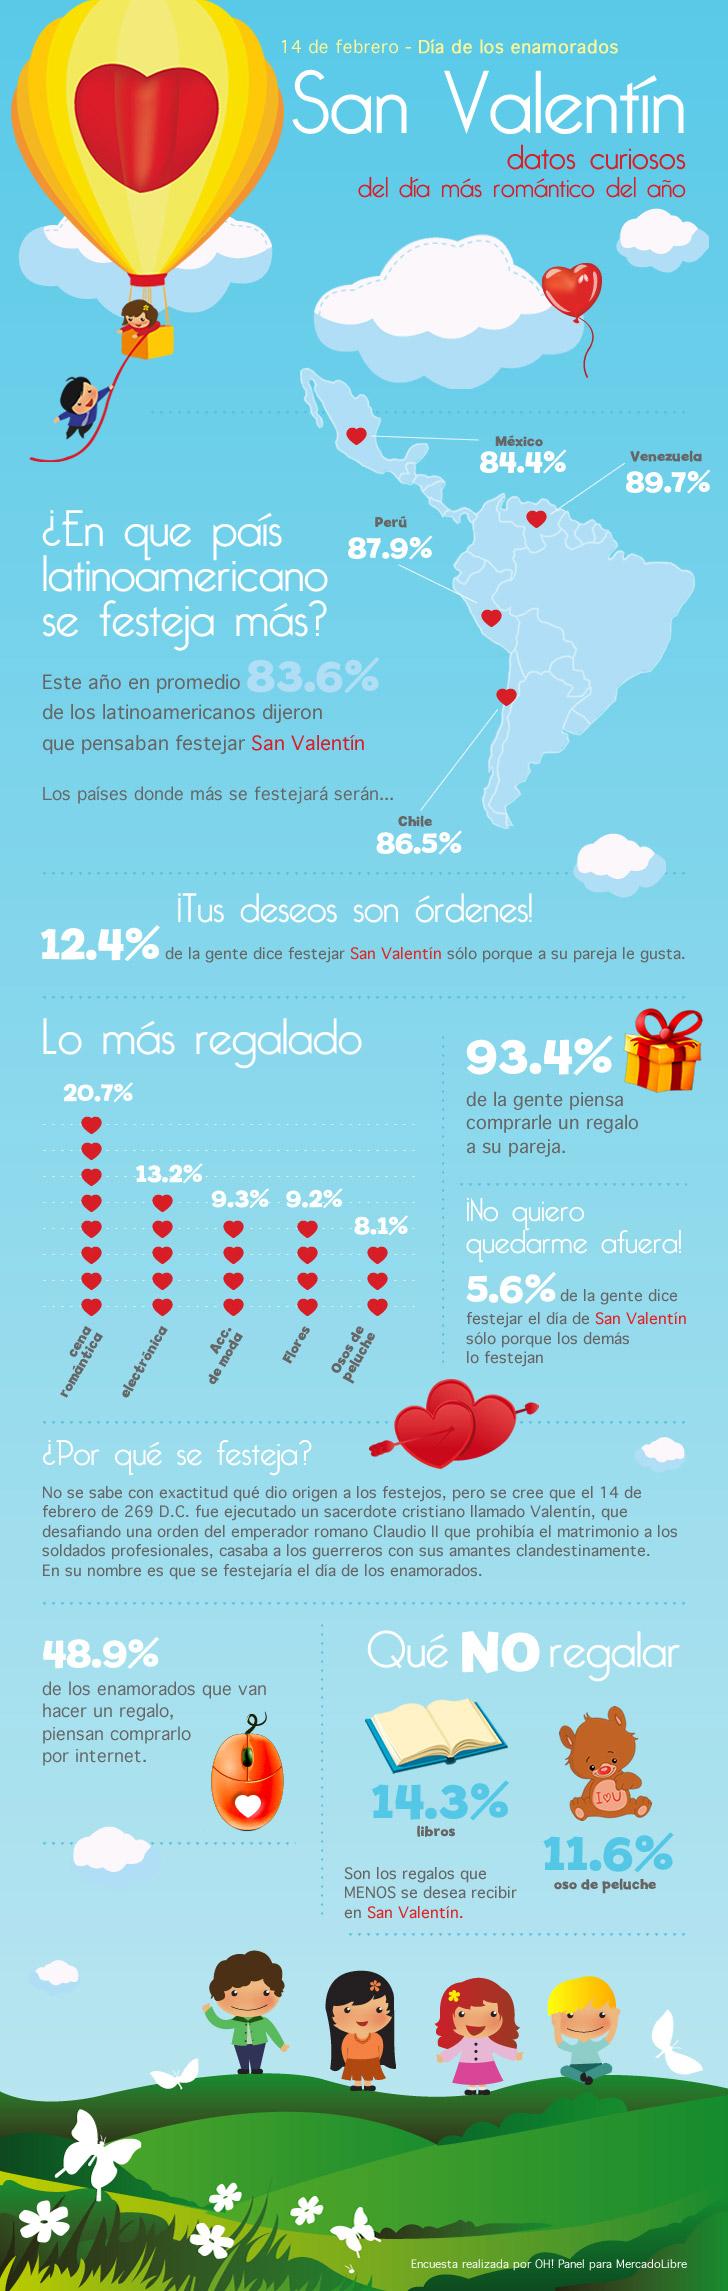 Día de San Valentín - Datos curiosos